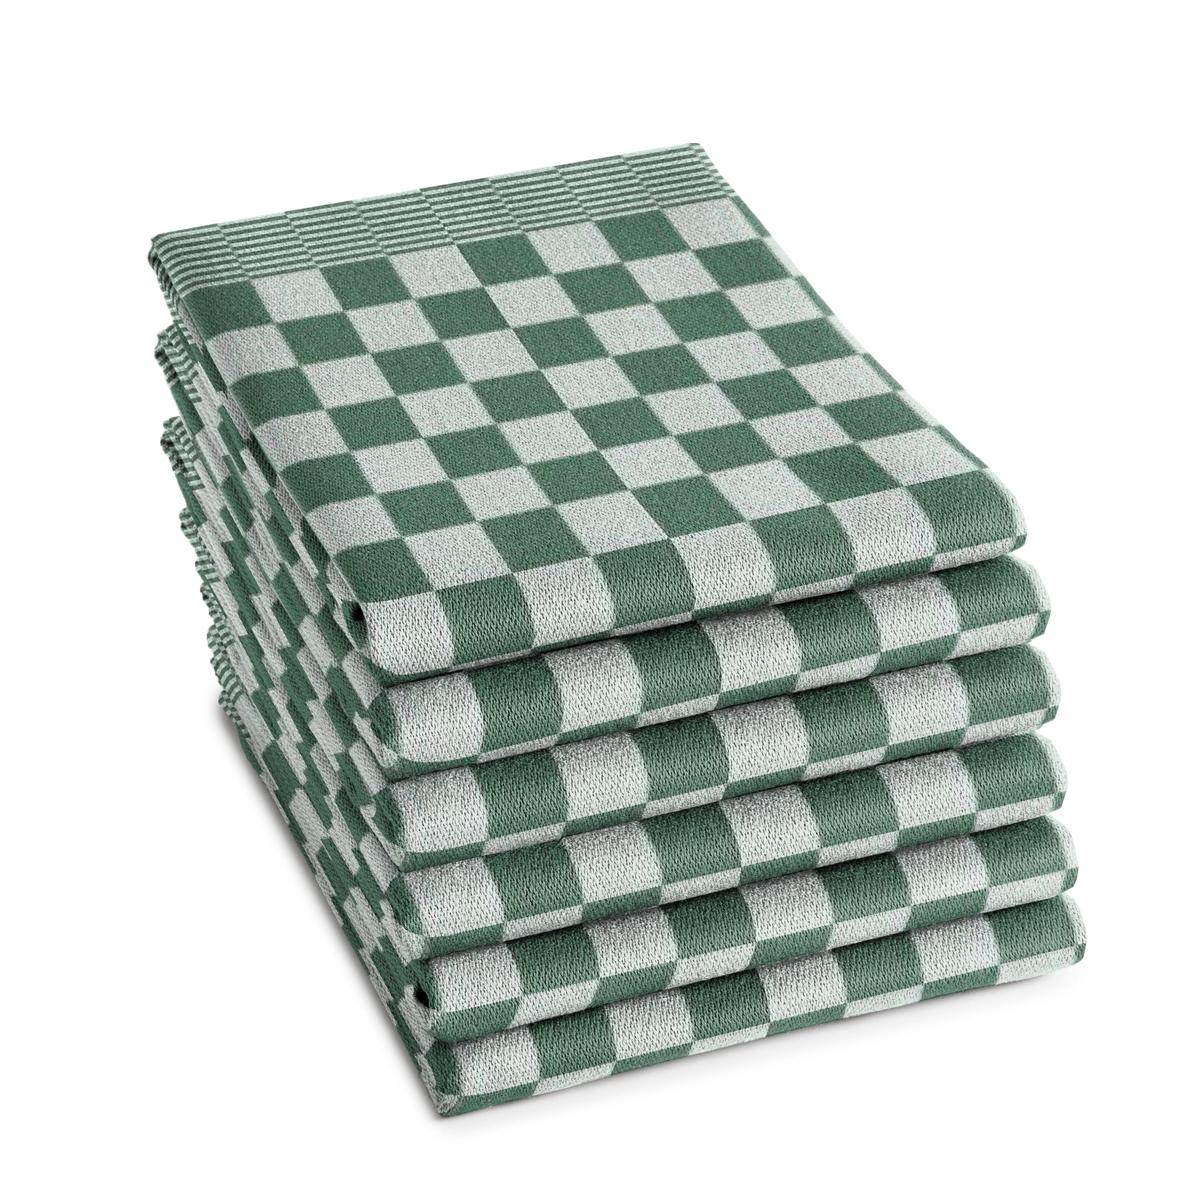 DDDDD Theedoek Barbeque Green (6 stuks)